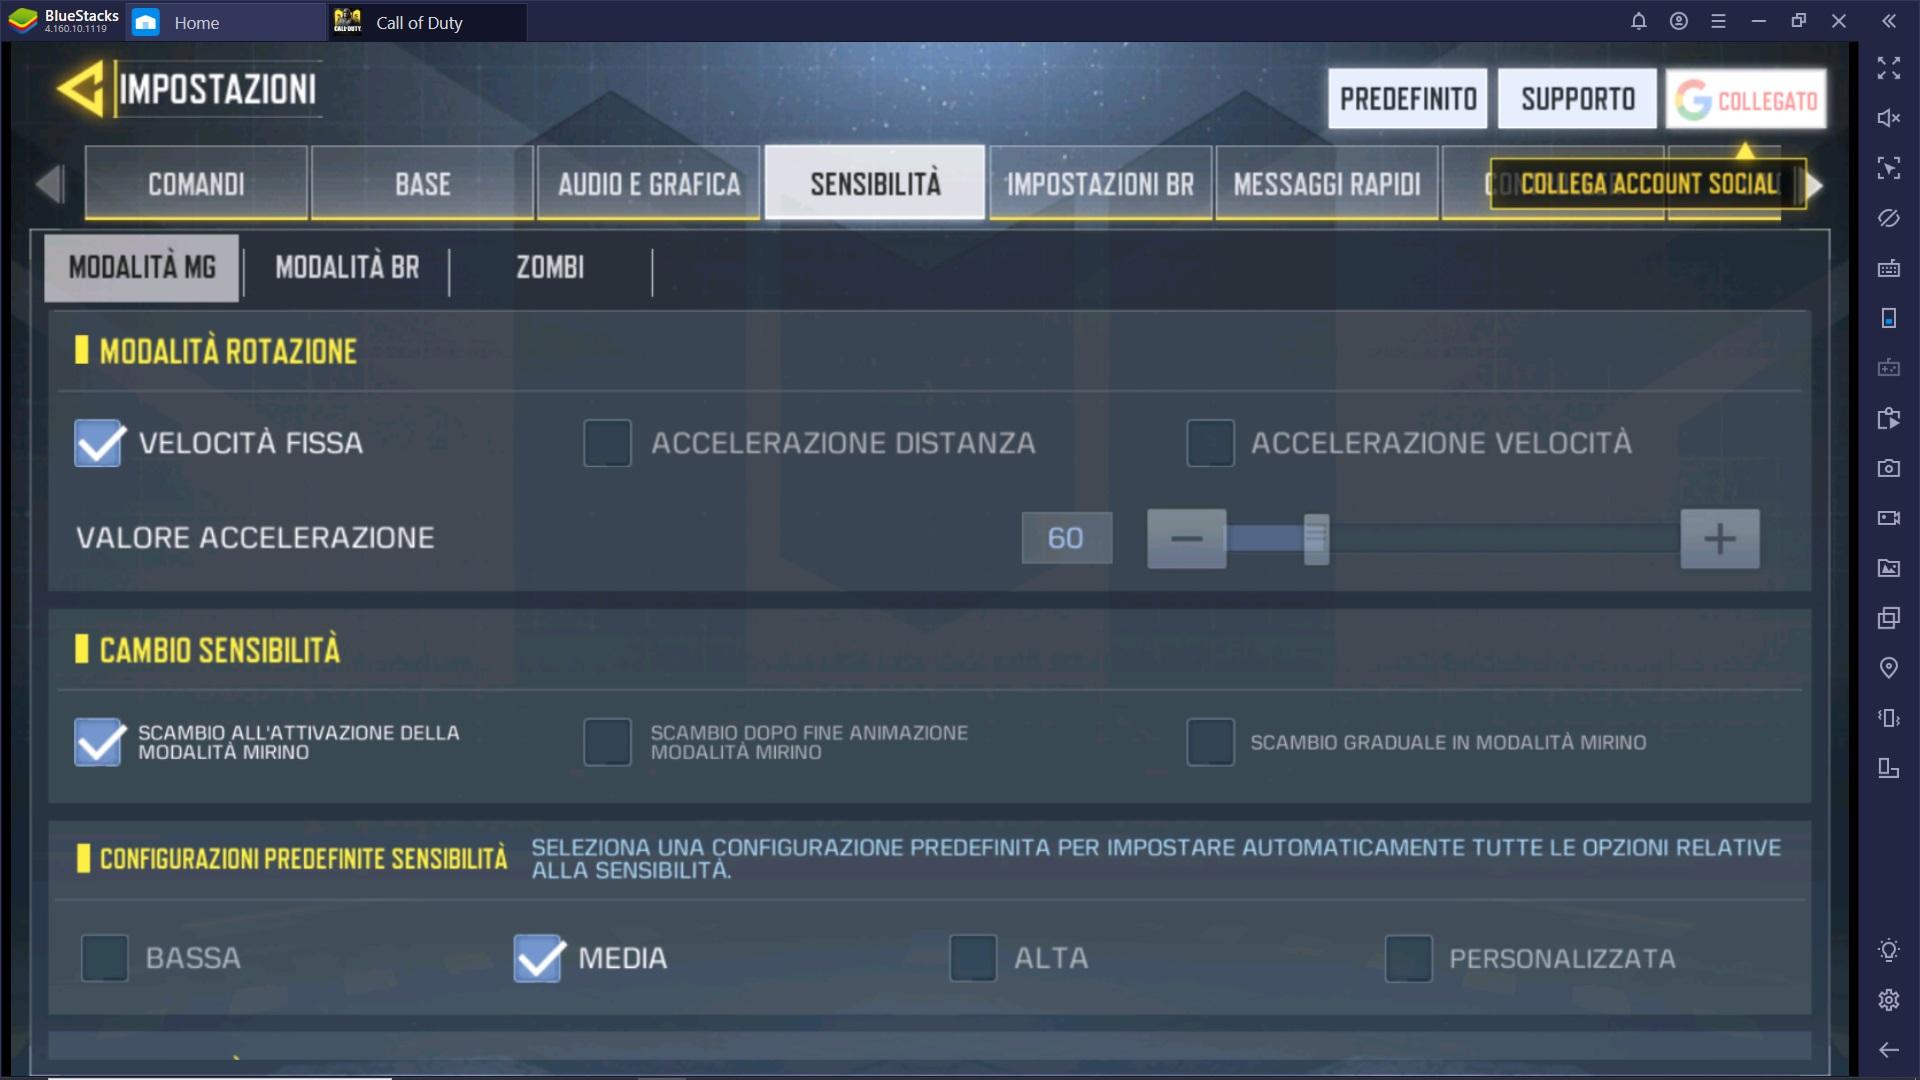 Gioca a Call of Duty Mobile con Bluestacks – Le Impostazioni Migliori